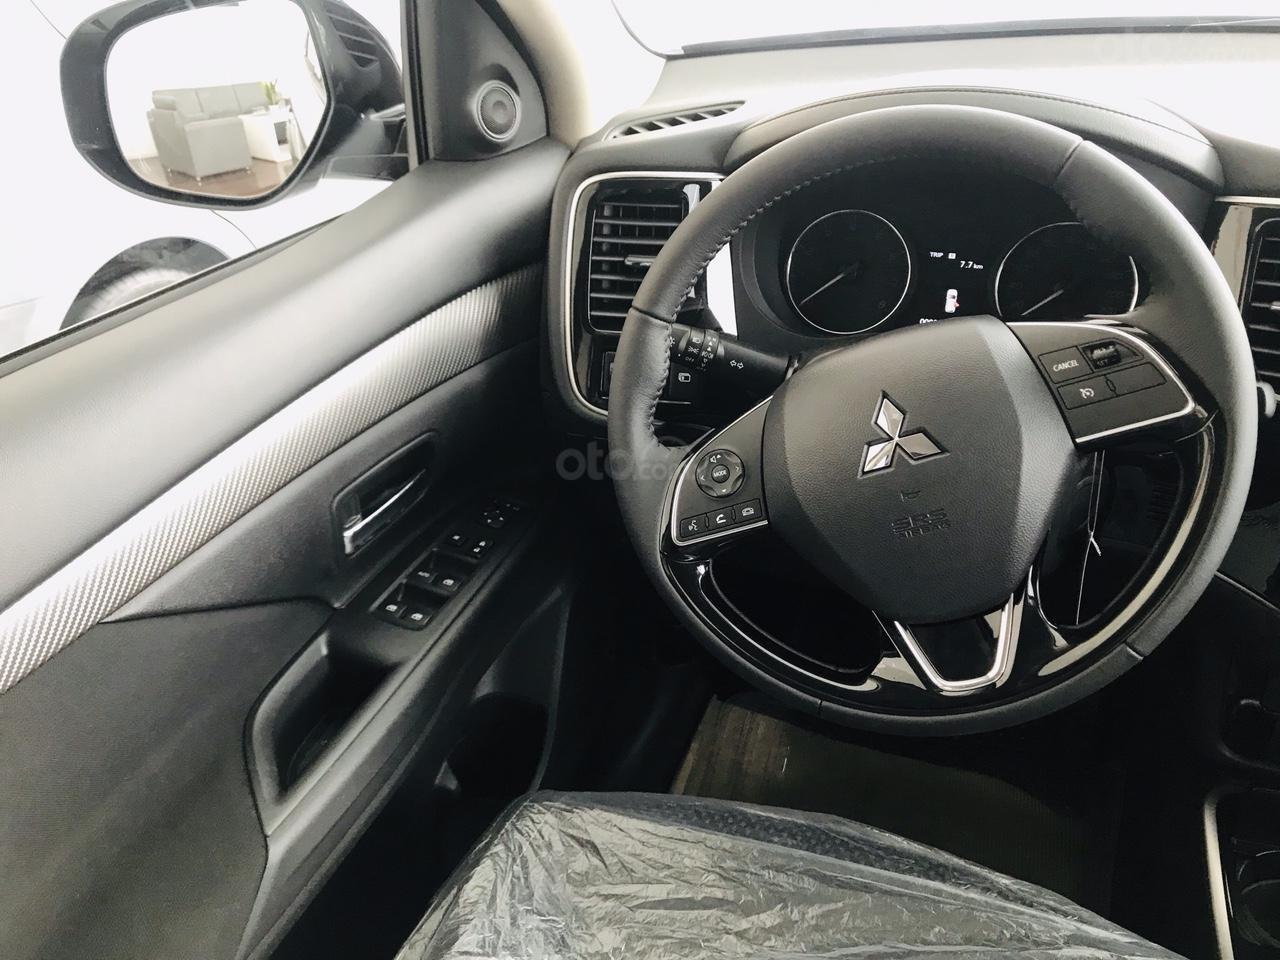 Bán xe Mitsubishi Outlander 2.0 CVT năm sản xuất 2019, trả góp 80%, liên hệ: 0969 496 596 để nhận nhiều ưu đãi (9)